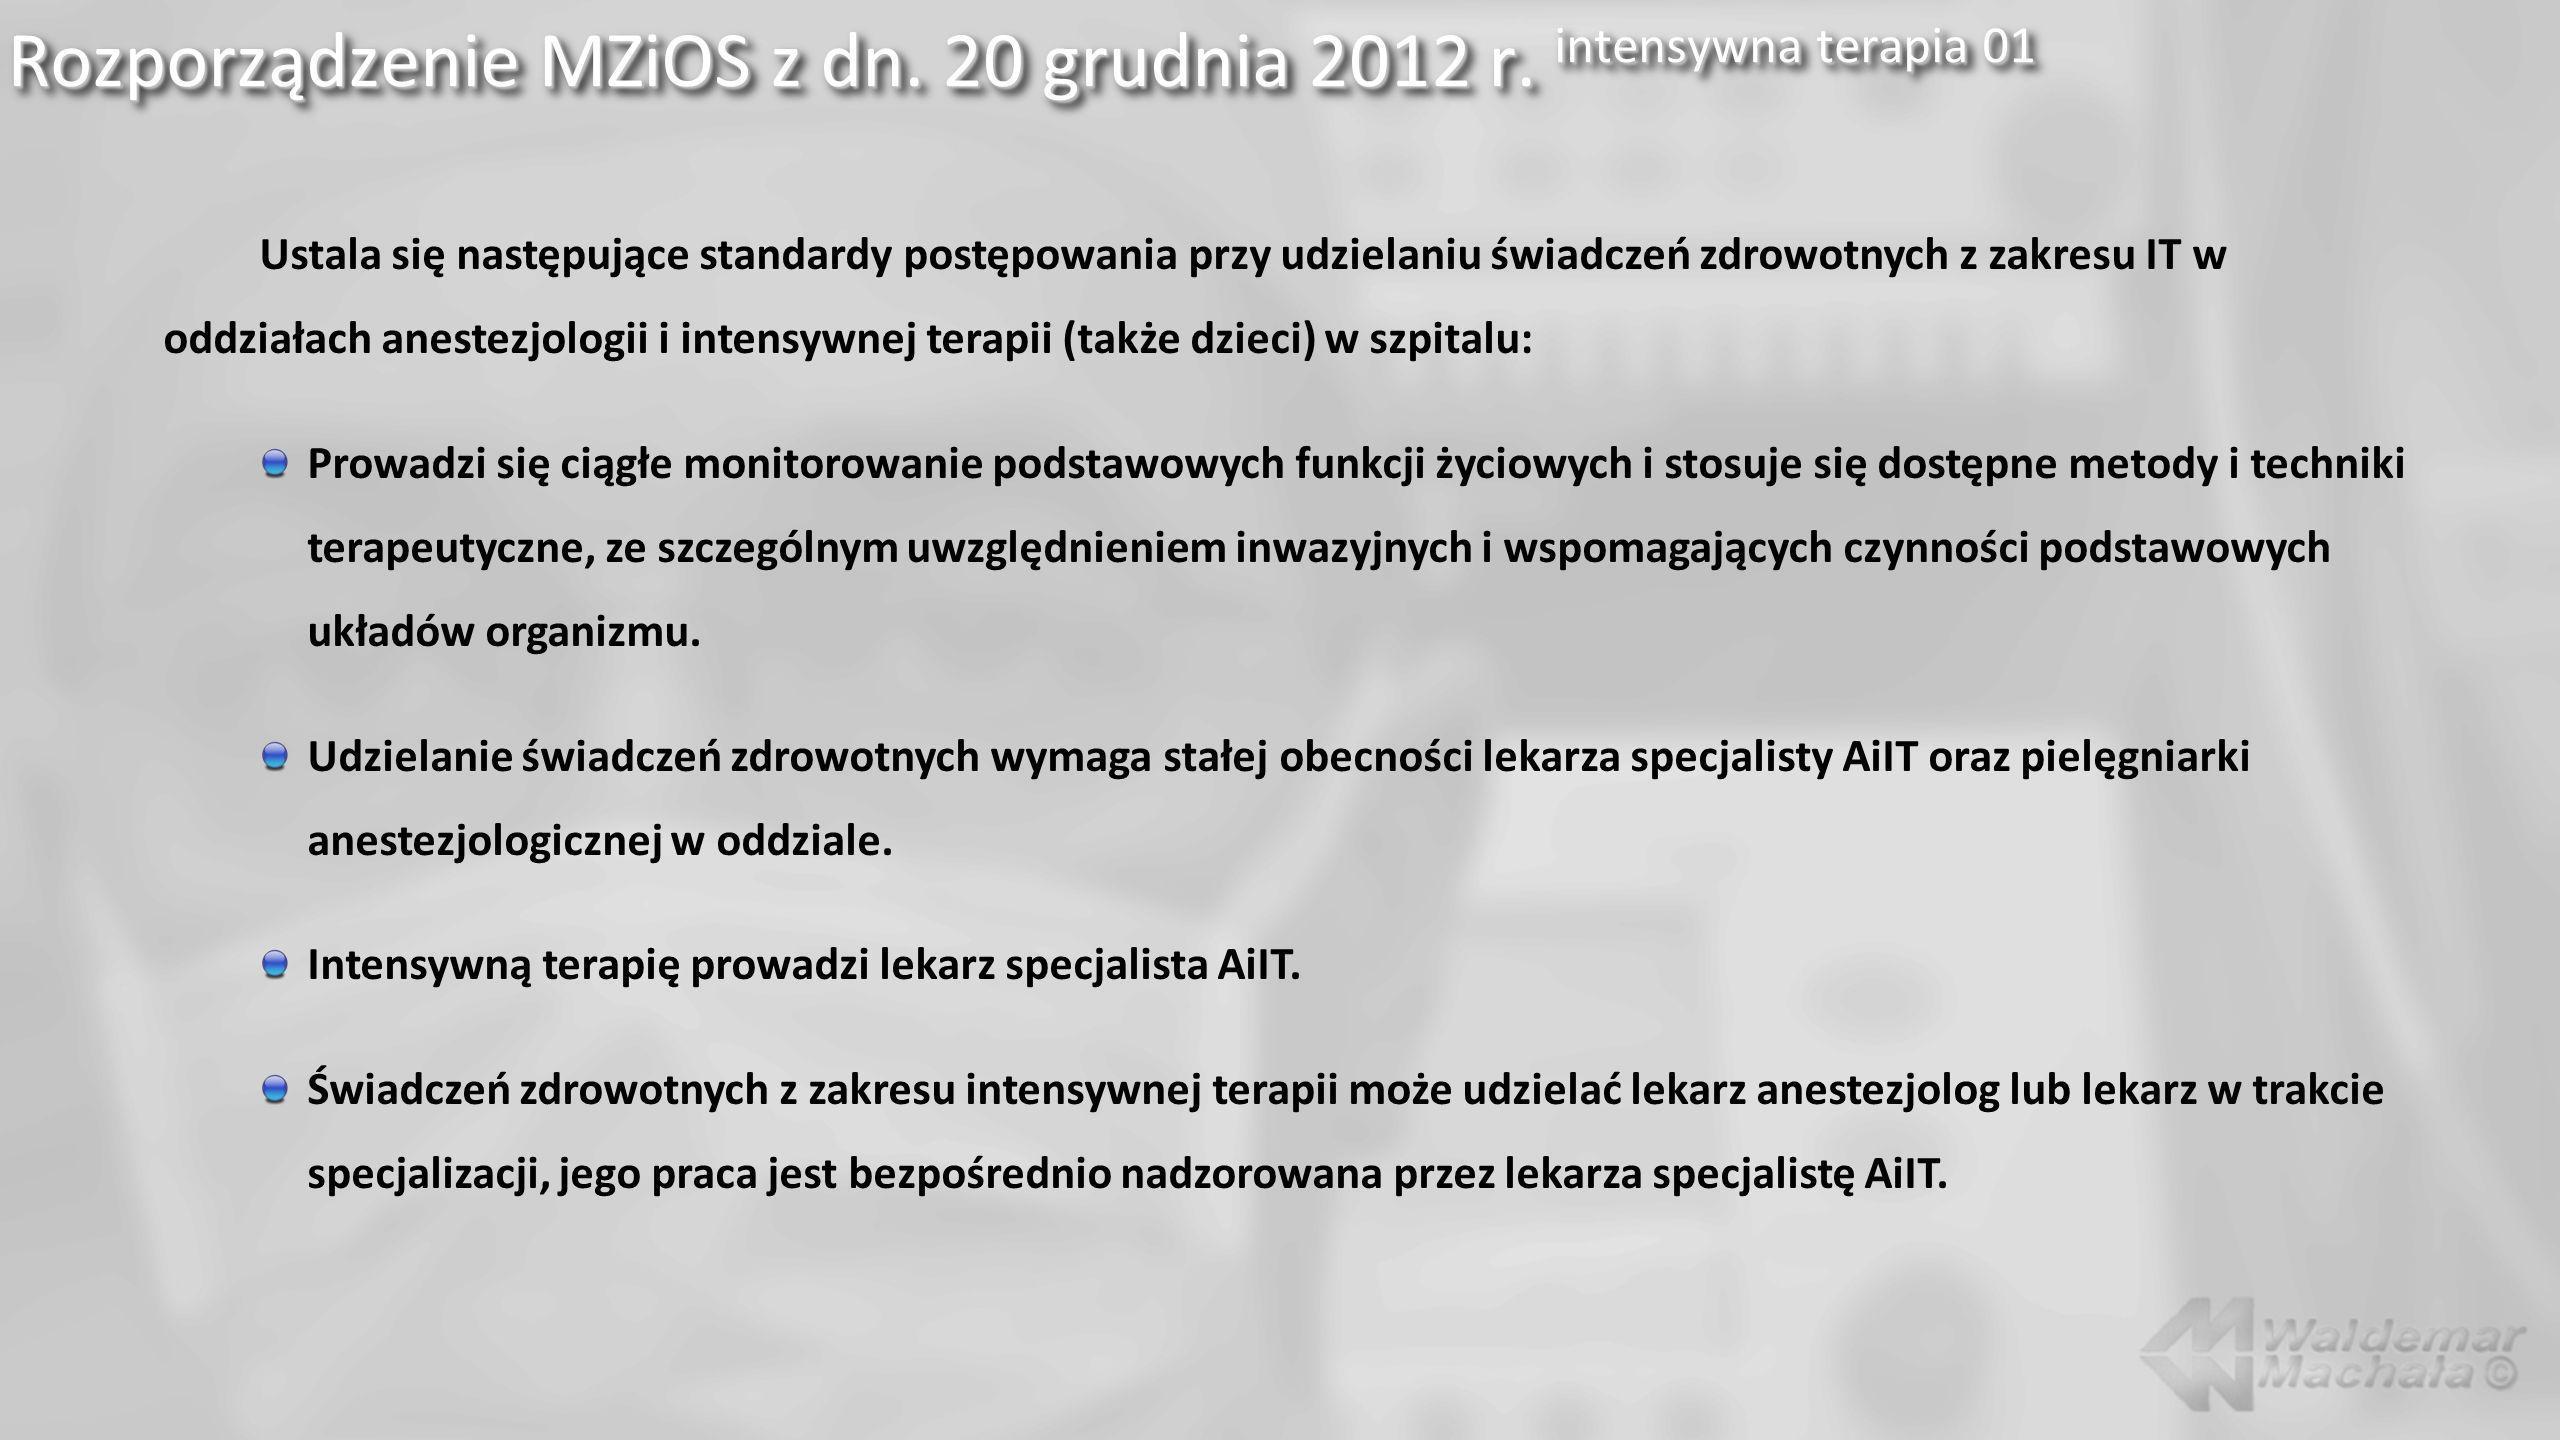 Rozporządzenie MZiOS z dn. 20 grudnia 2012 r. intensywna terapia 01 Ustala się następujące standardy postępowania przy udzielaniu świadczeń zdrowotnyc